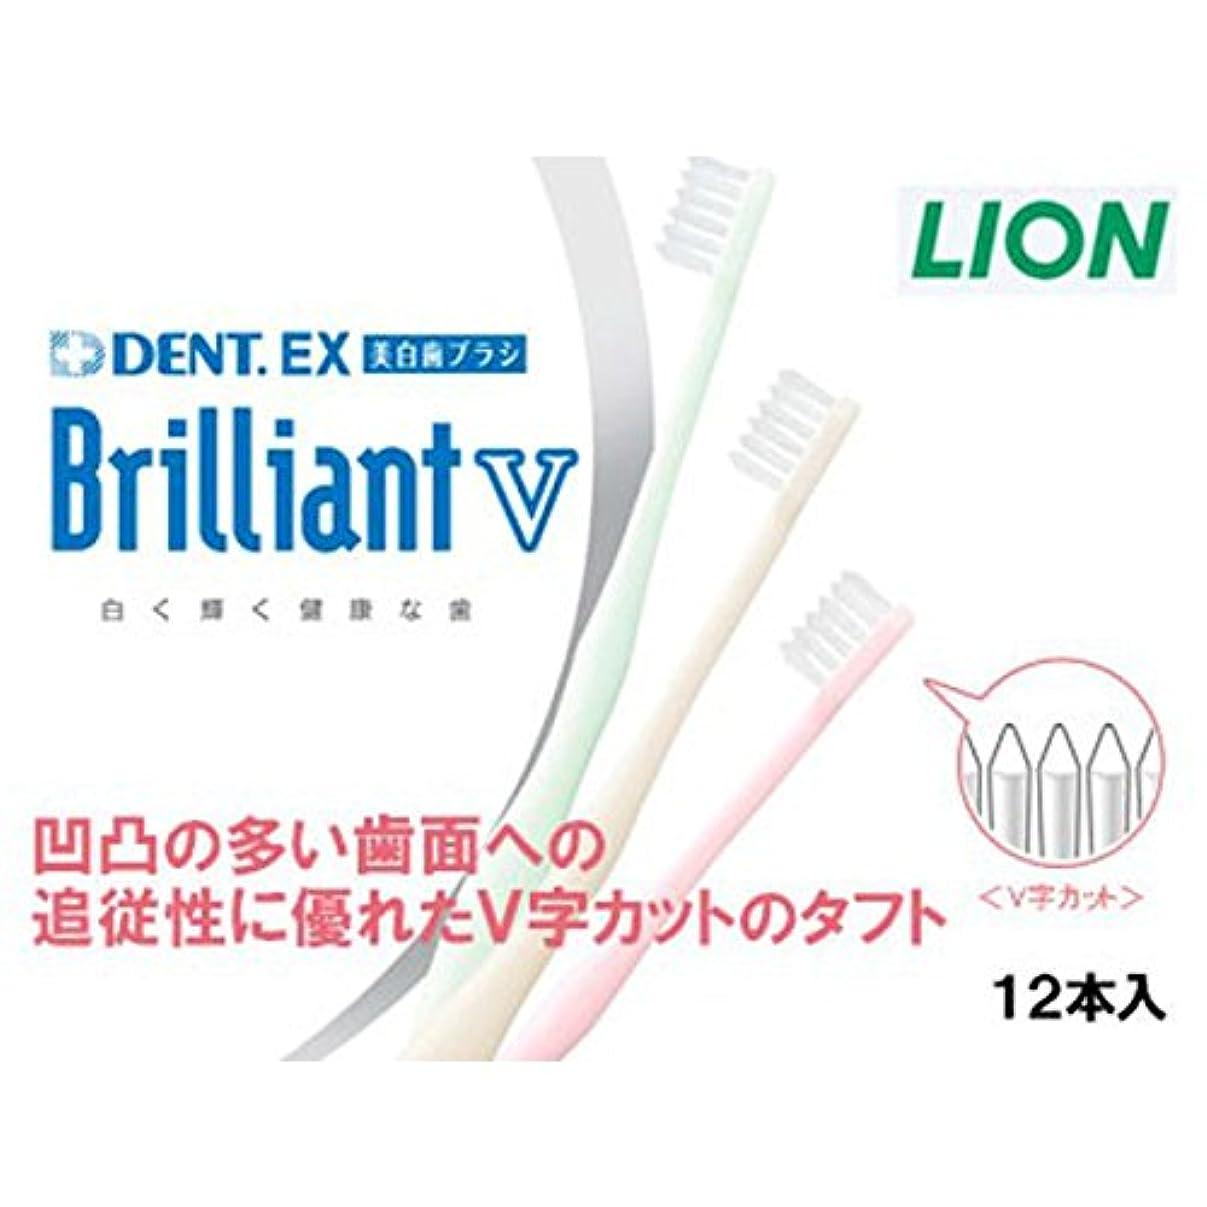 信頼性あいさつ言うライオン ブリリアントV 歯ブラシ DENT.EX BrilliantV 12本